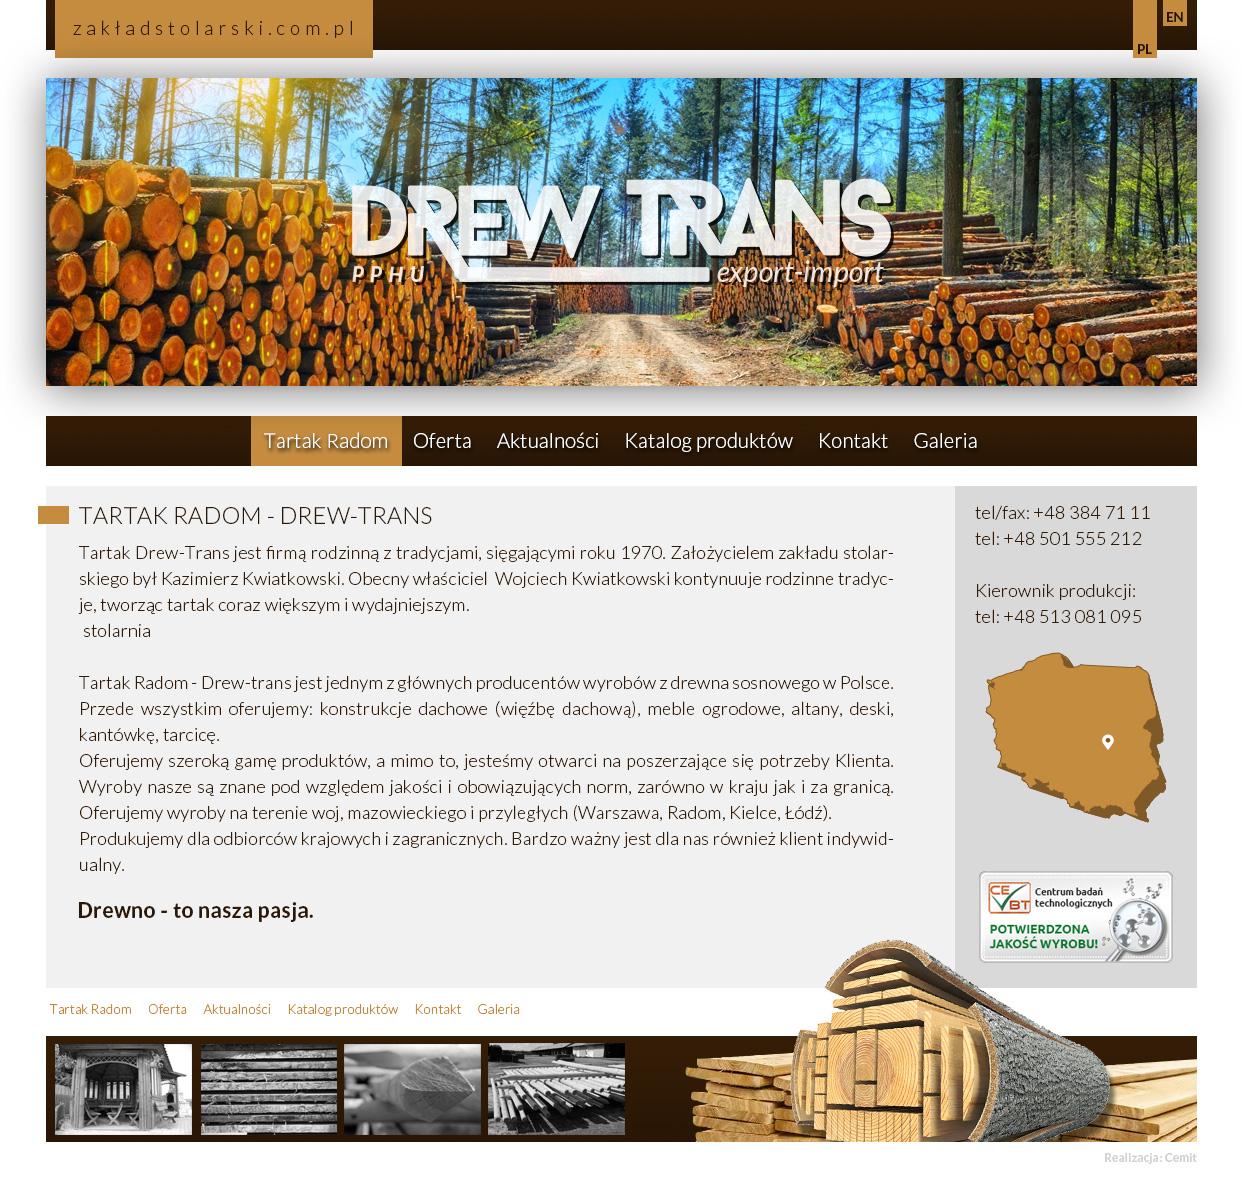 Drew-trans